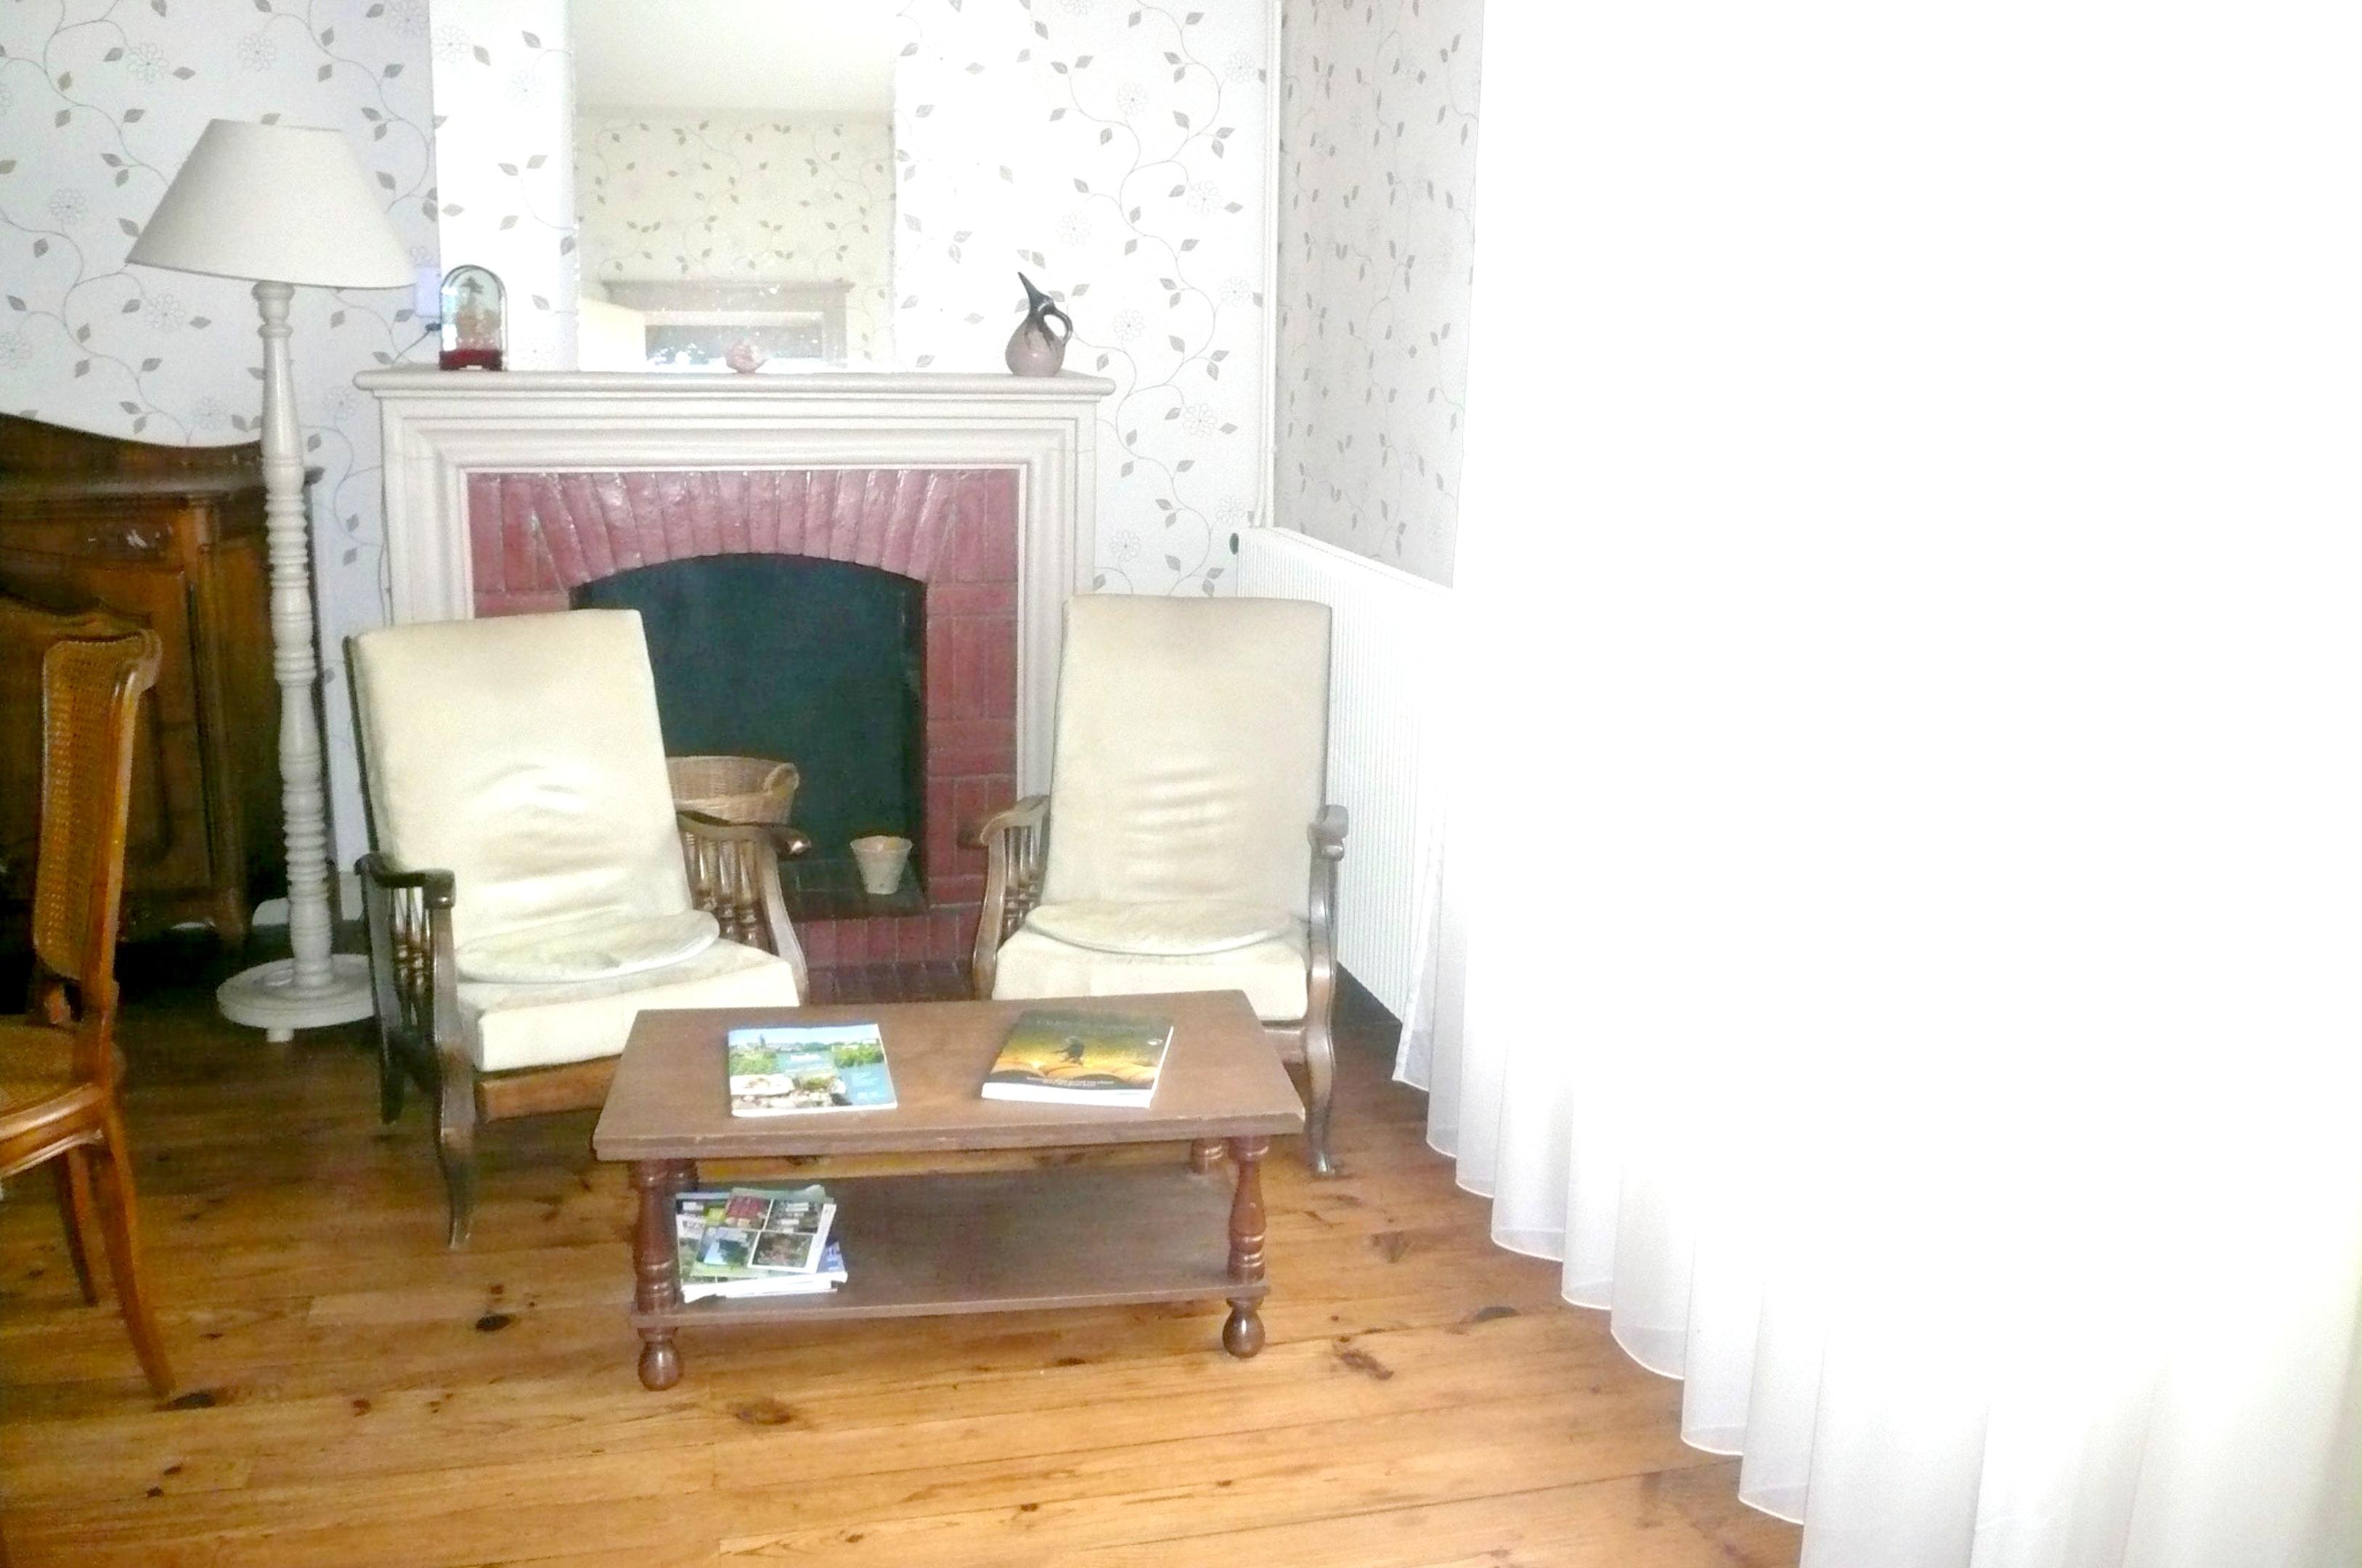 Maison de vacances Haus mit 4 Schlafzimmern in Castillon-la-Bataille mit eingezäuntem Garten und W-LAN - 85 k (2271453), Castillon la Bataille, Gironde, Aquitaine, France, image 3